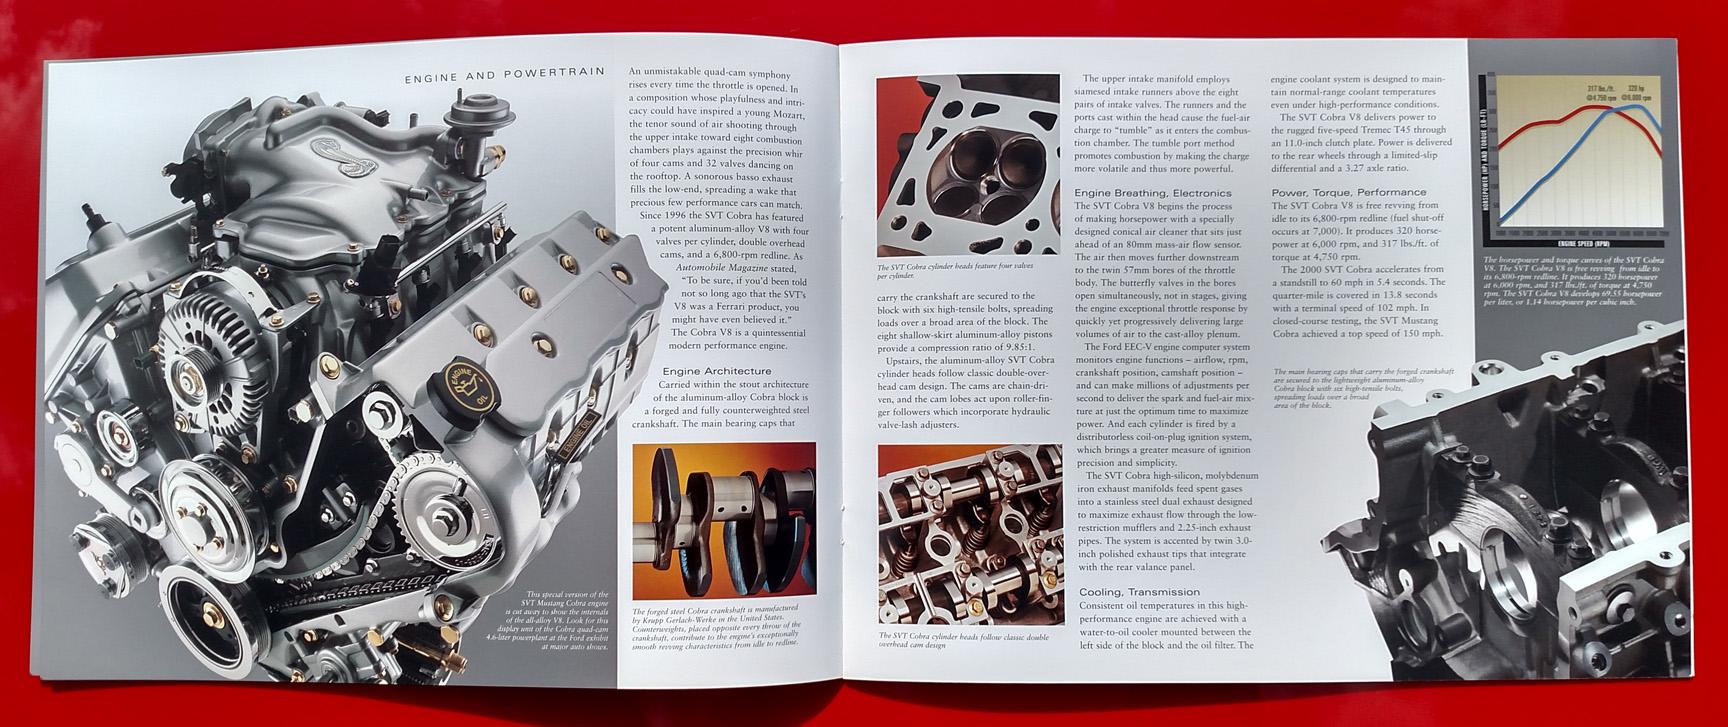 2000-cobra-brochure3.jpg